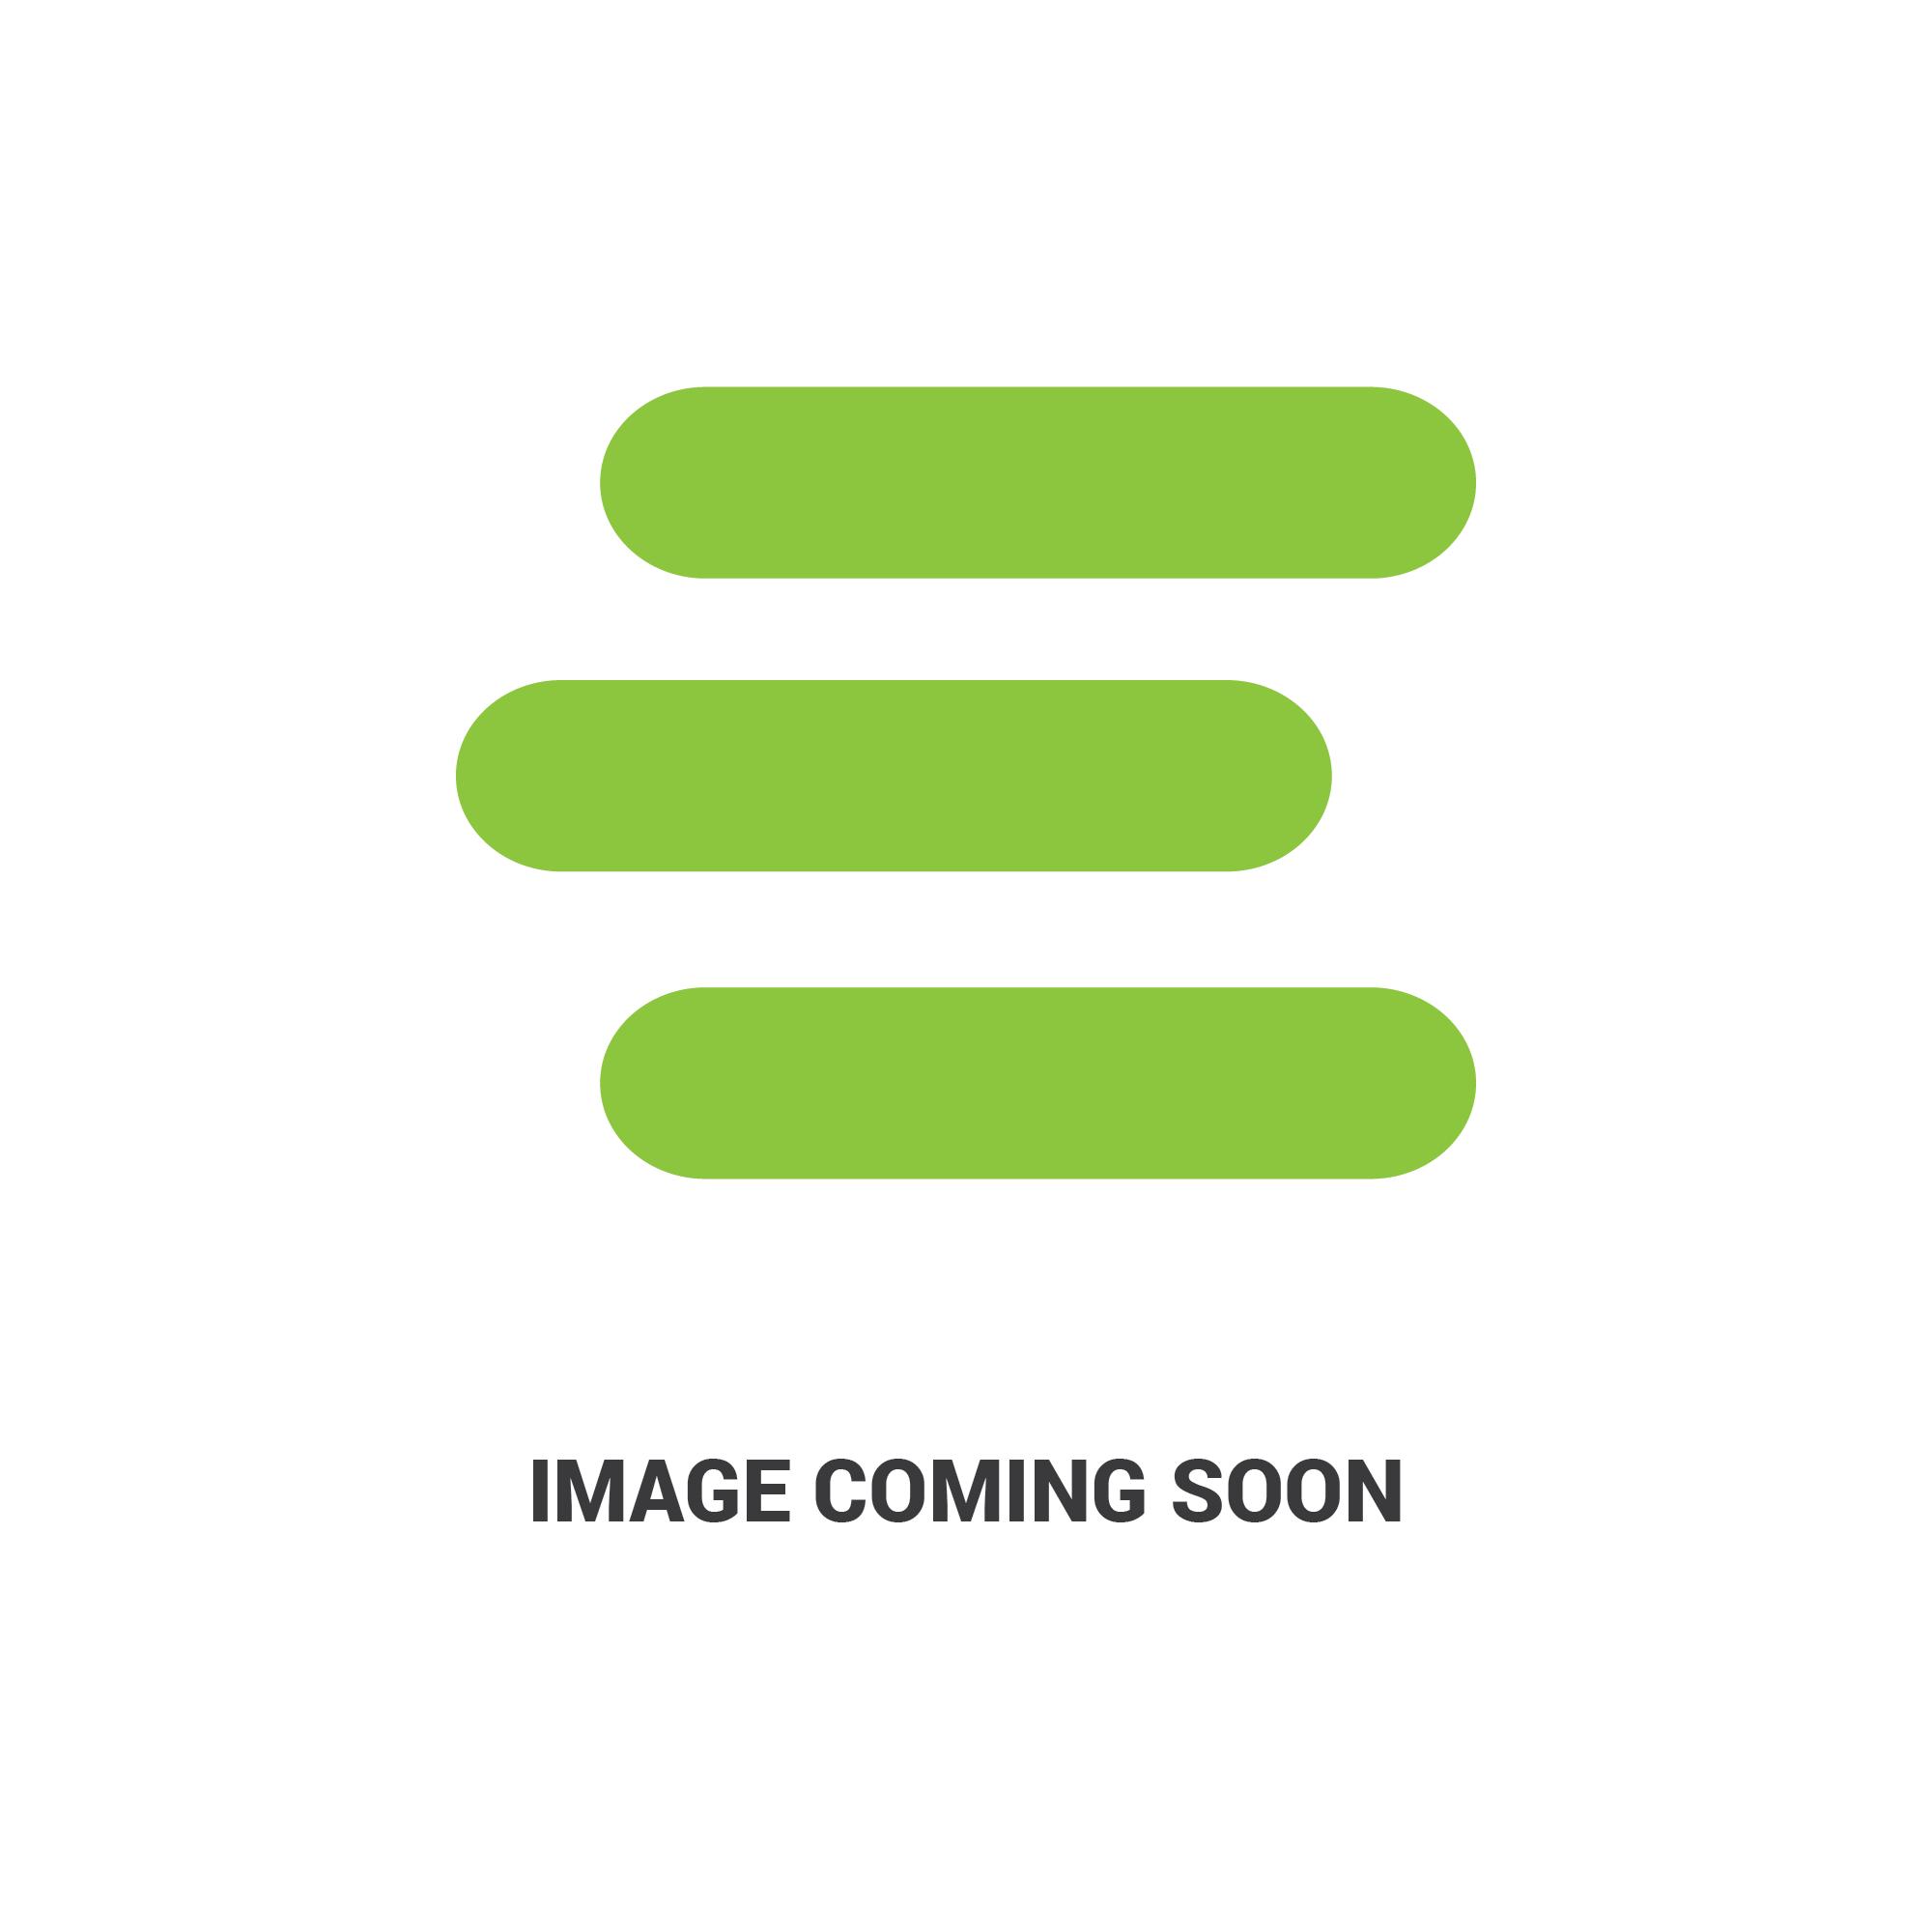 E-53066-7501-PA1186_1.jpg